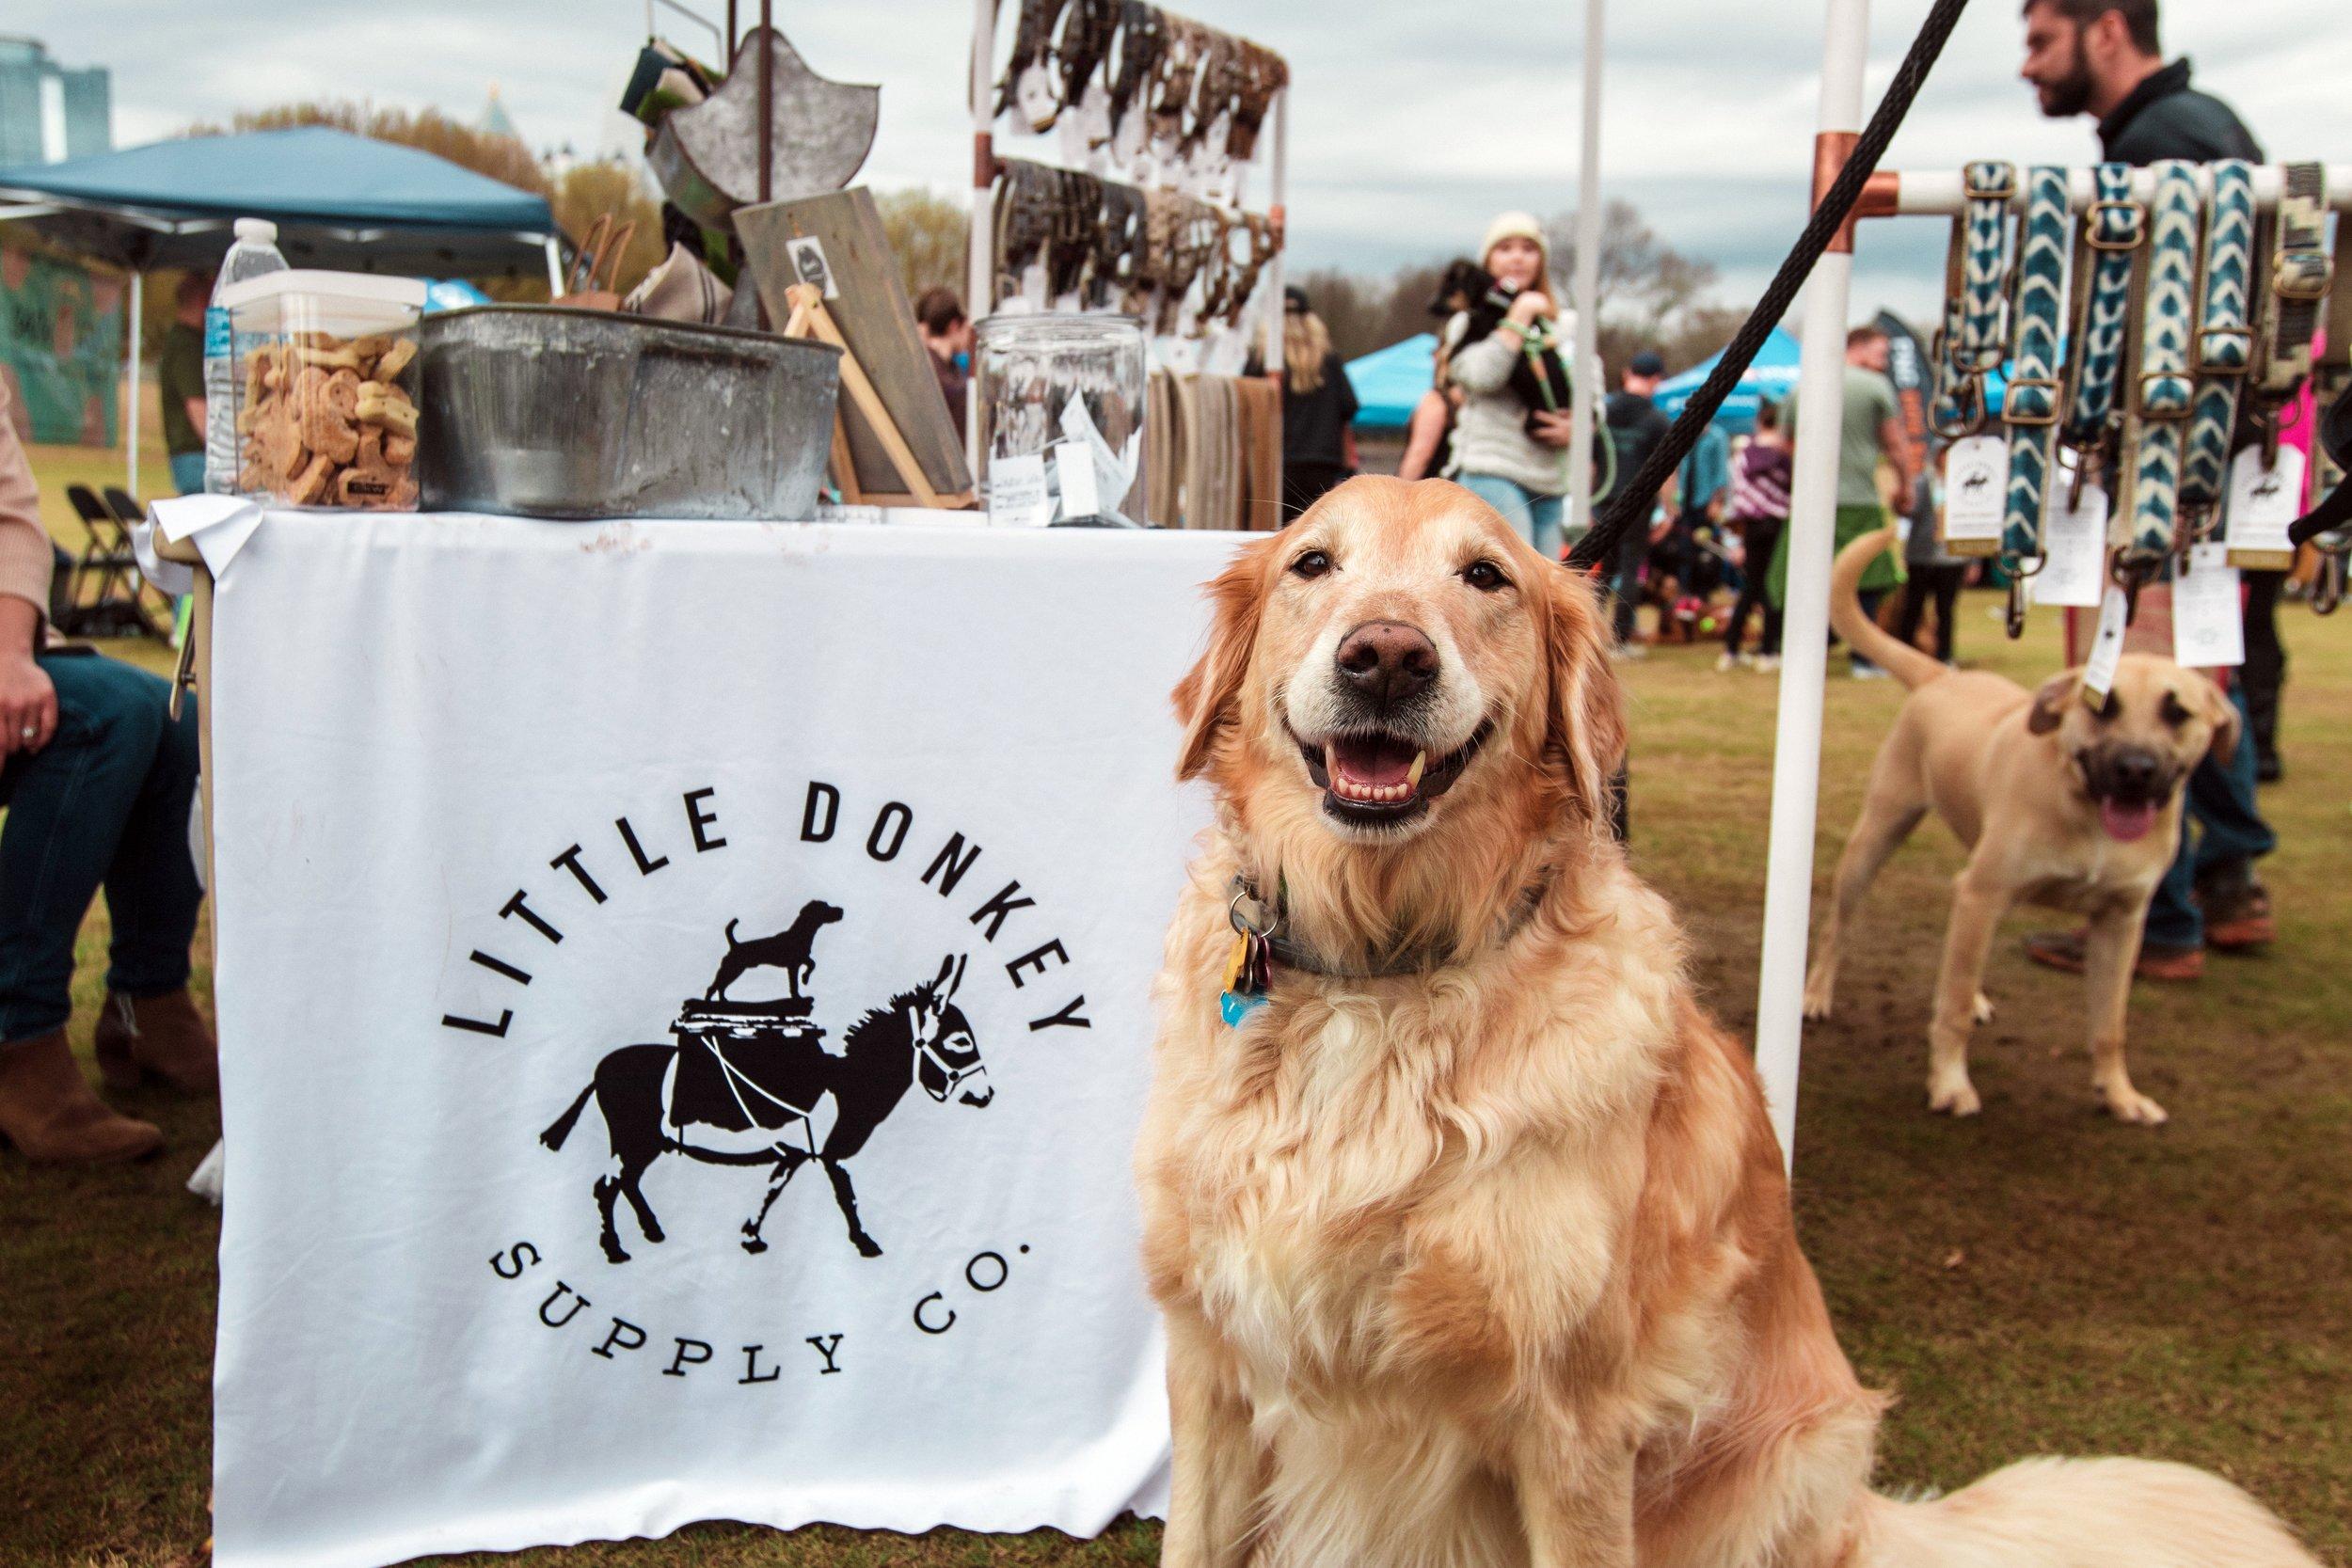 Atlanta Rescue Dog Olympics